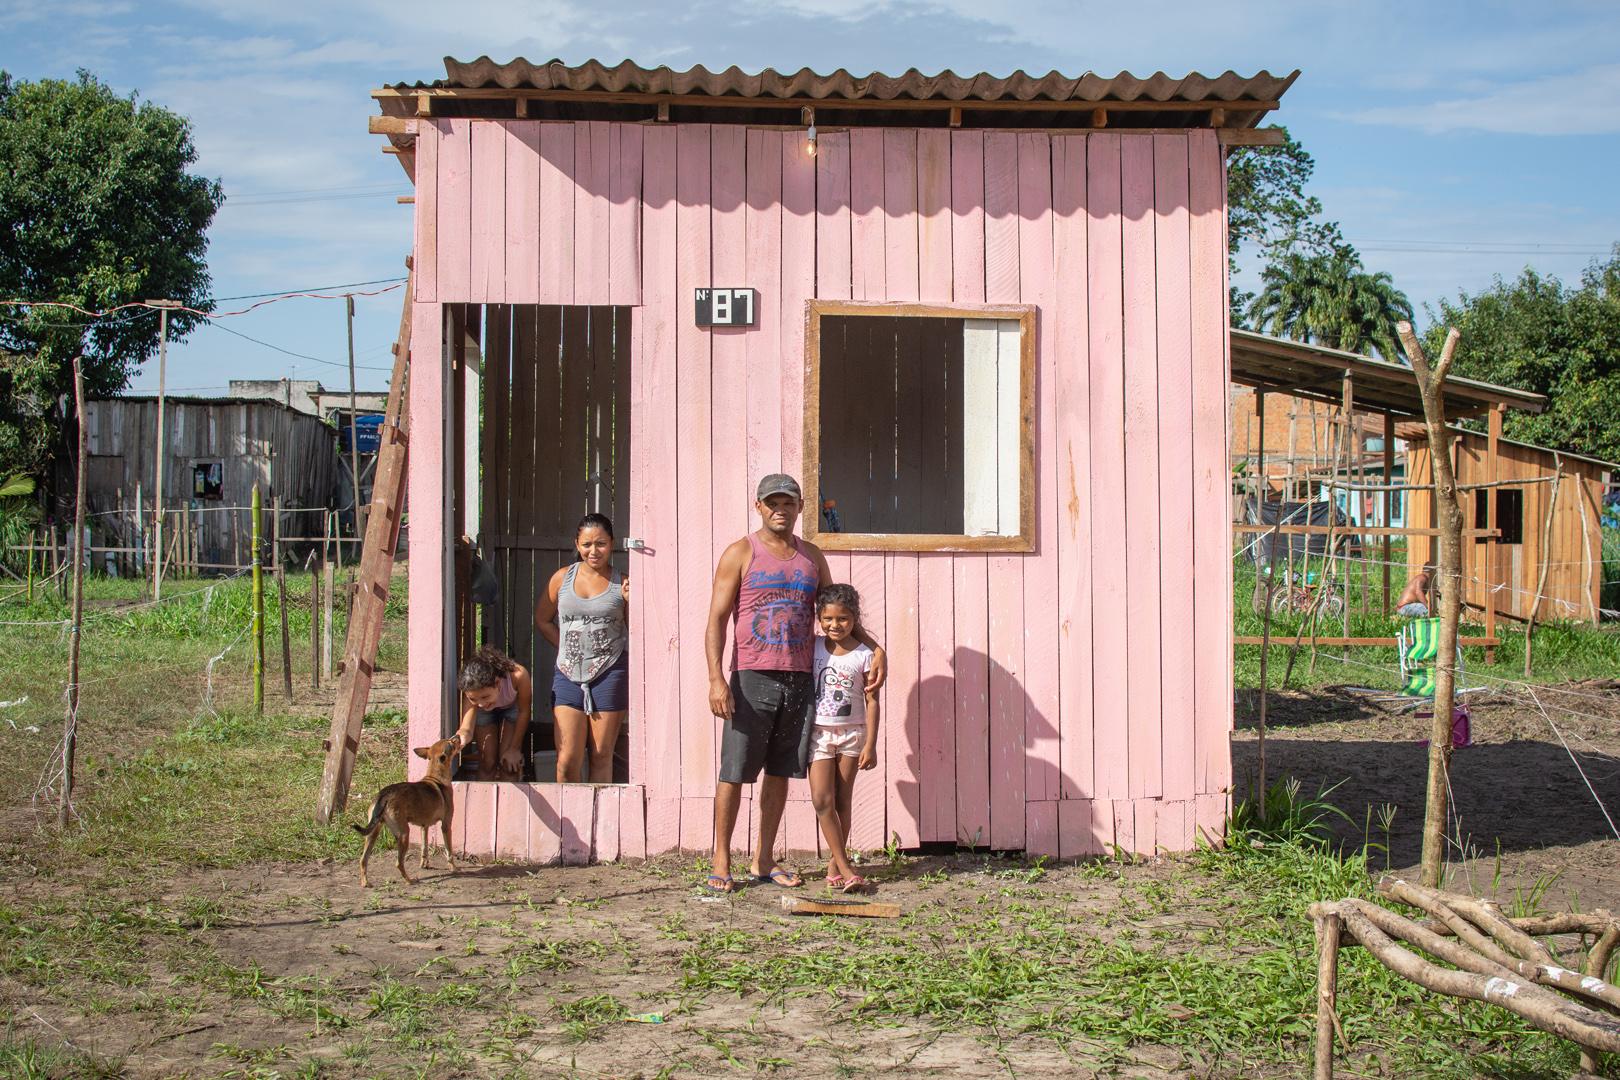 Sem moradia – uma casa da Barbie sem cama nem banheiro, em Belém